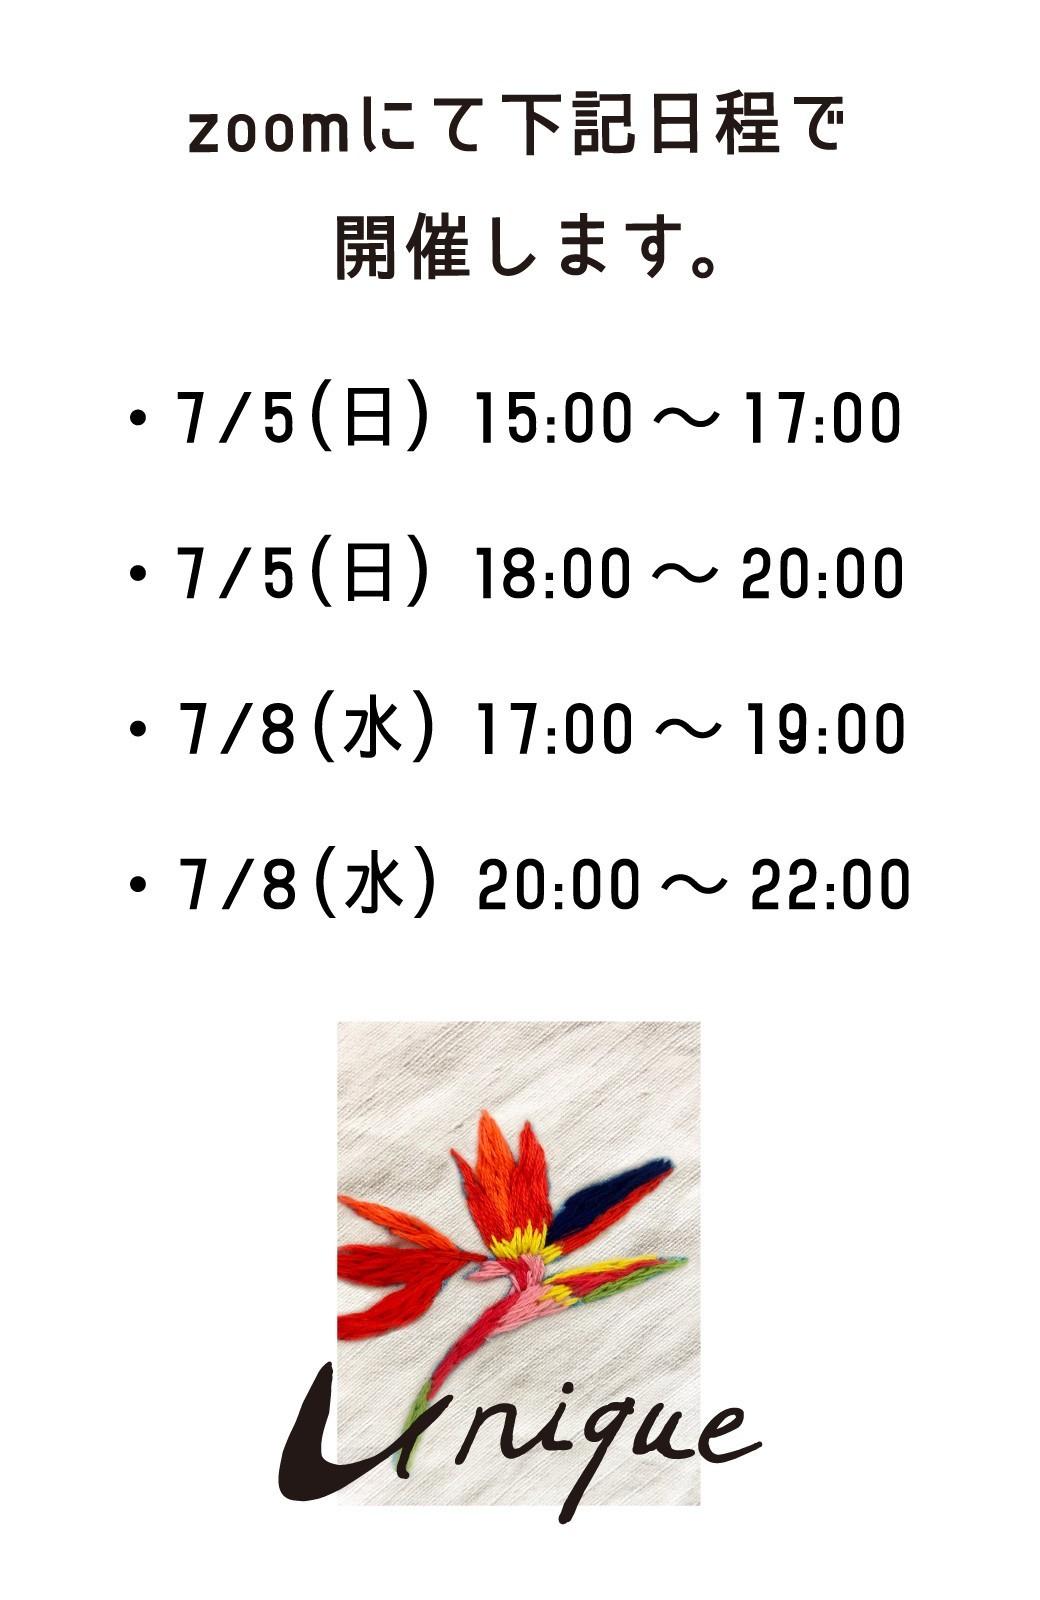 haco! haco! [haco! POST] 刺繍アーティスト二宮佐和子さんとみんなでワイワイ刺繍!zoom縫いワークショップ参加チケット 7/5・7/8開催<unique> <その他>の商品写真5